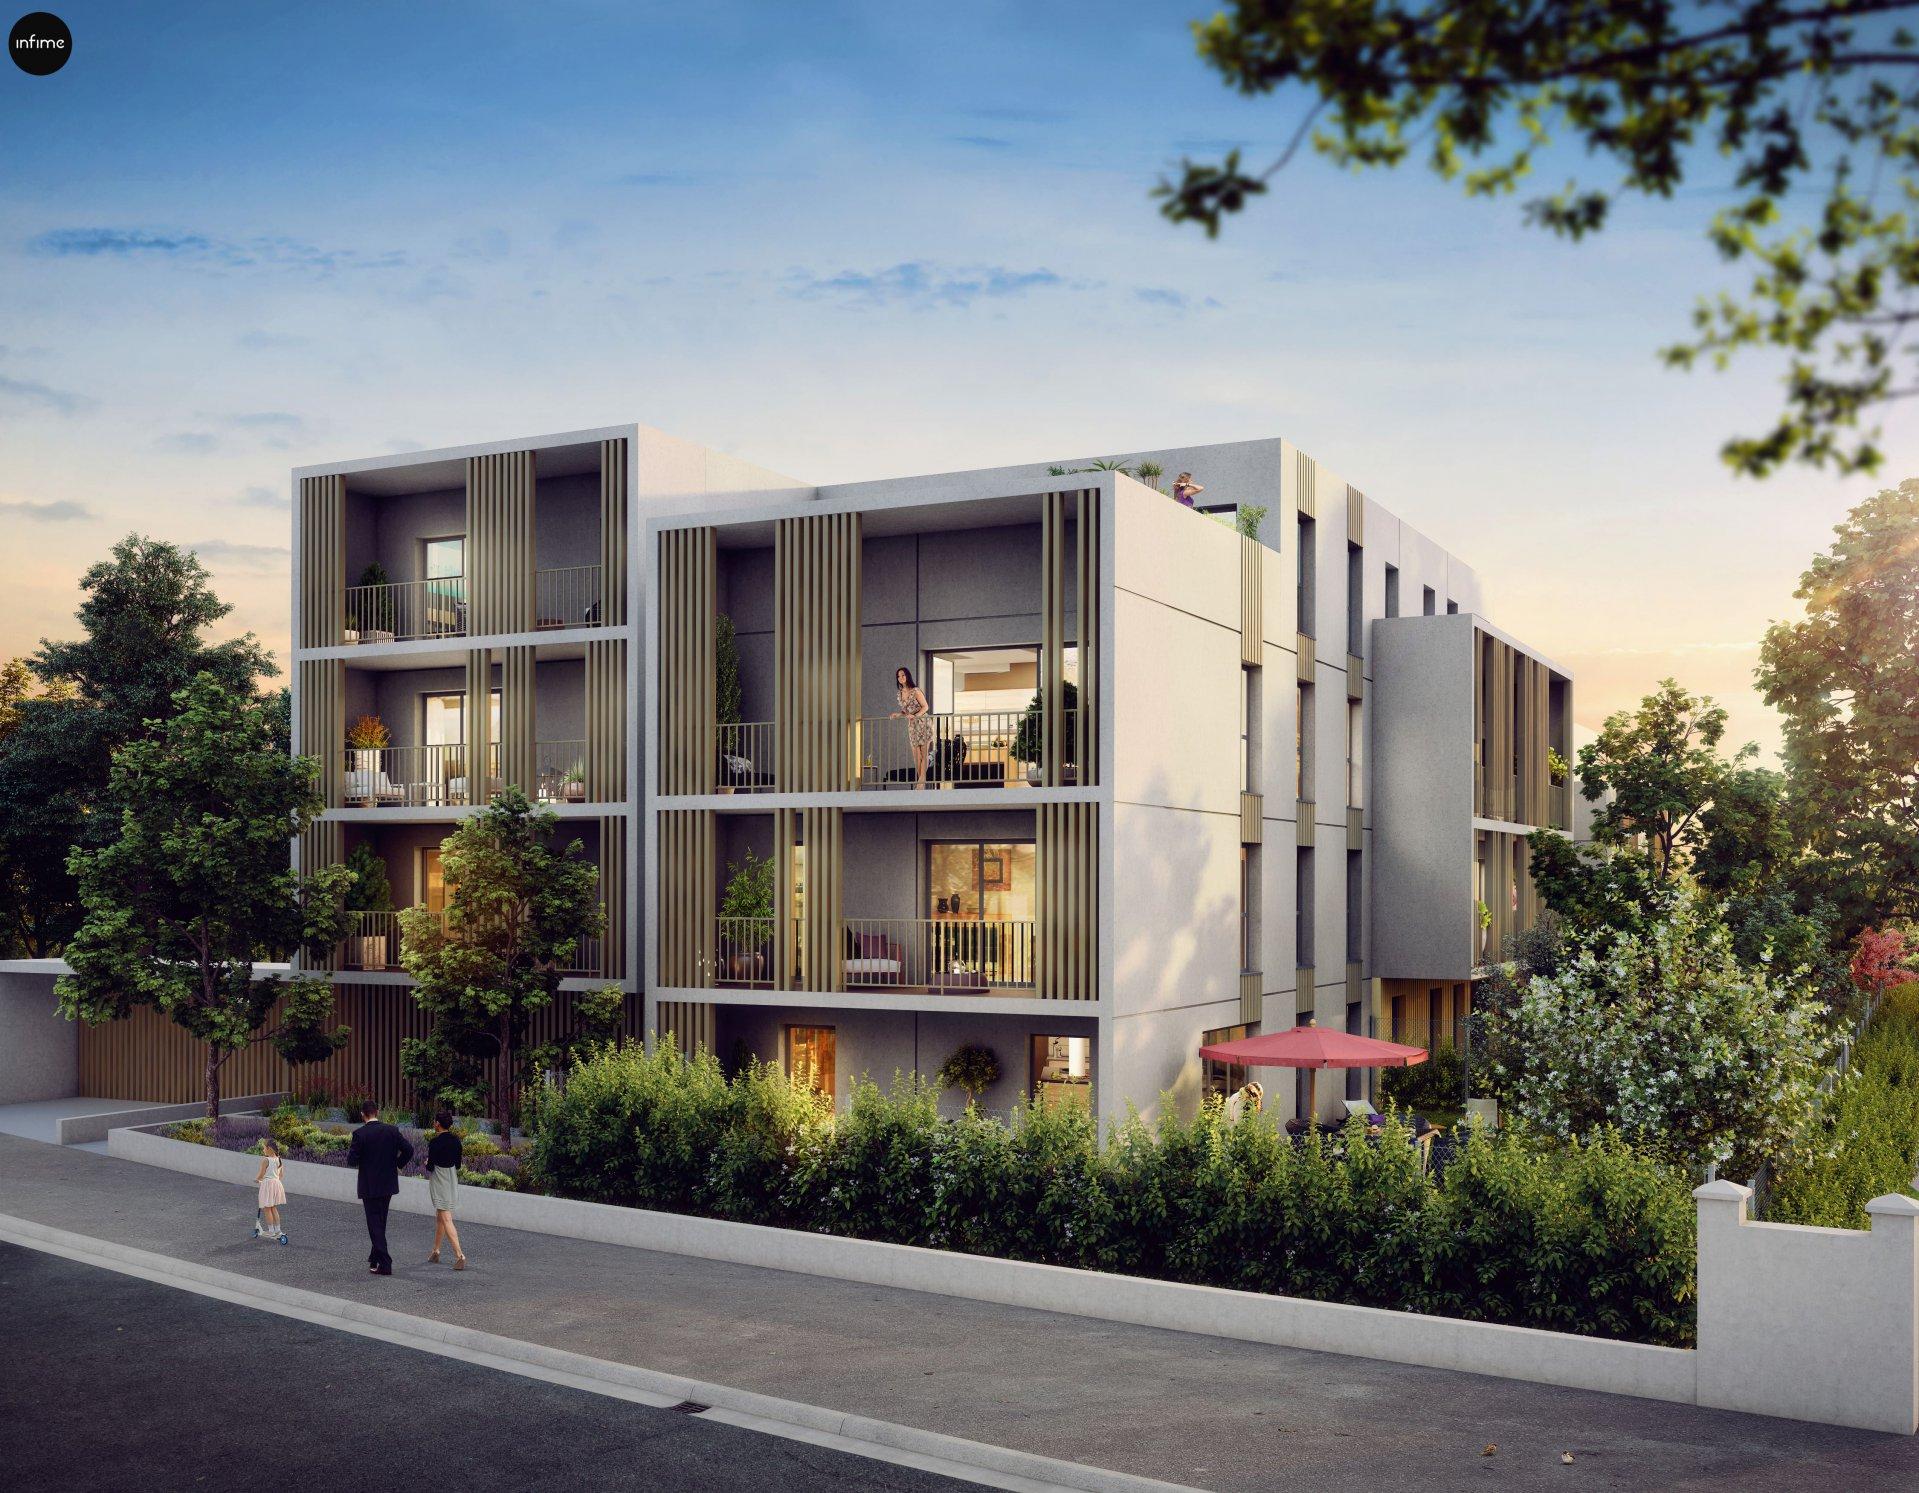 Achat de biens immobiliers neufs bordeaux coldwell banker for Achat maison pessac